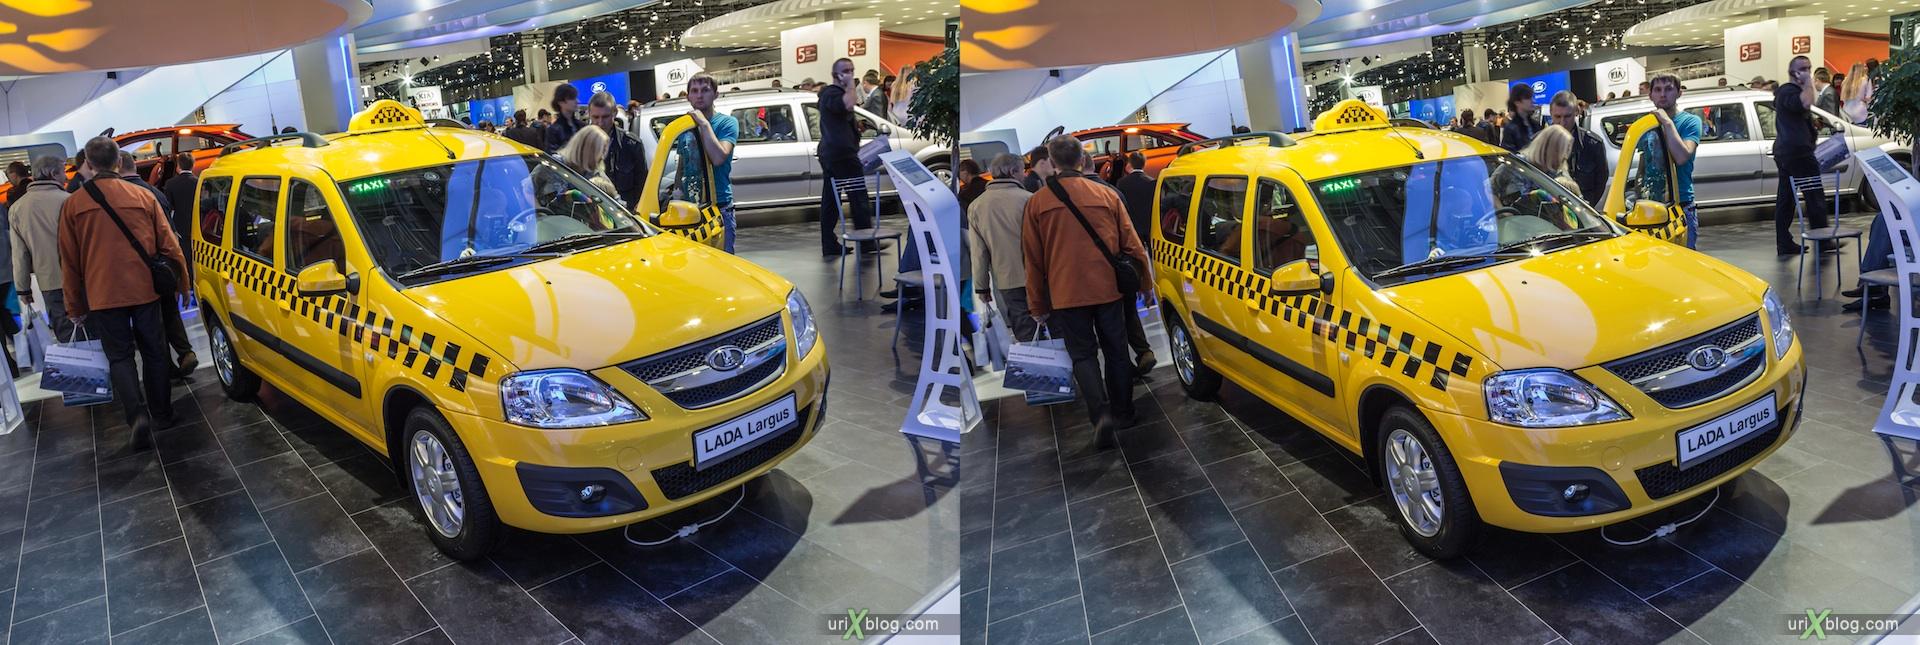 2012, Lada Largus, Московский международный автомобильный салон, ММАС, Крокус Экспо, 3D, стереопара